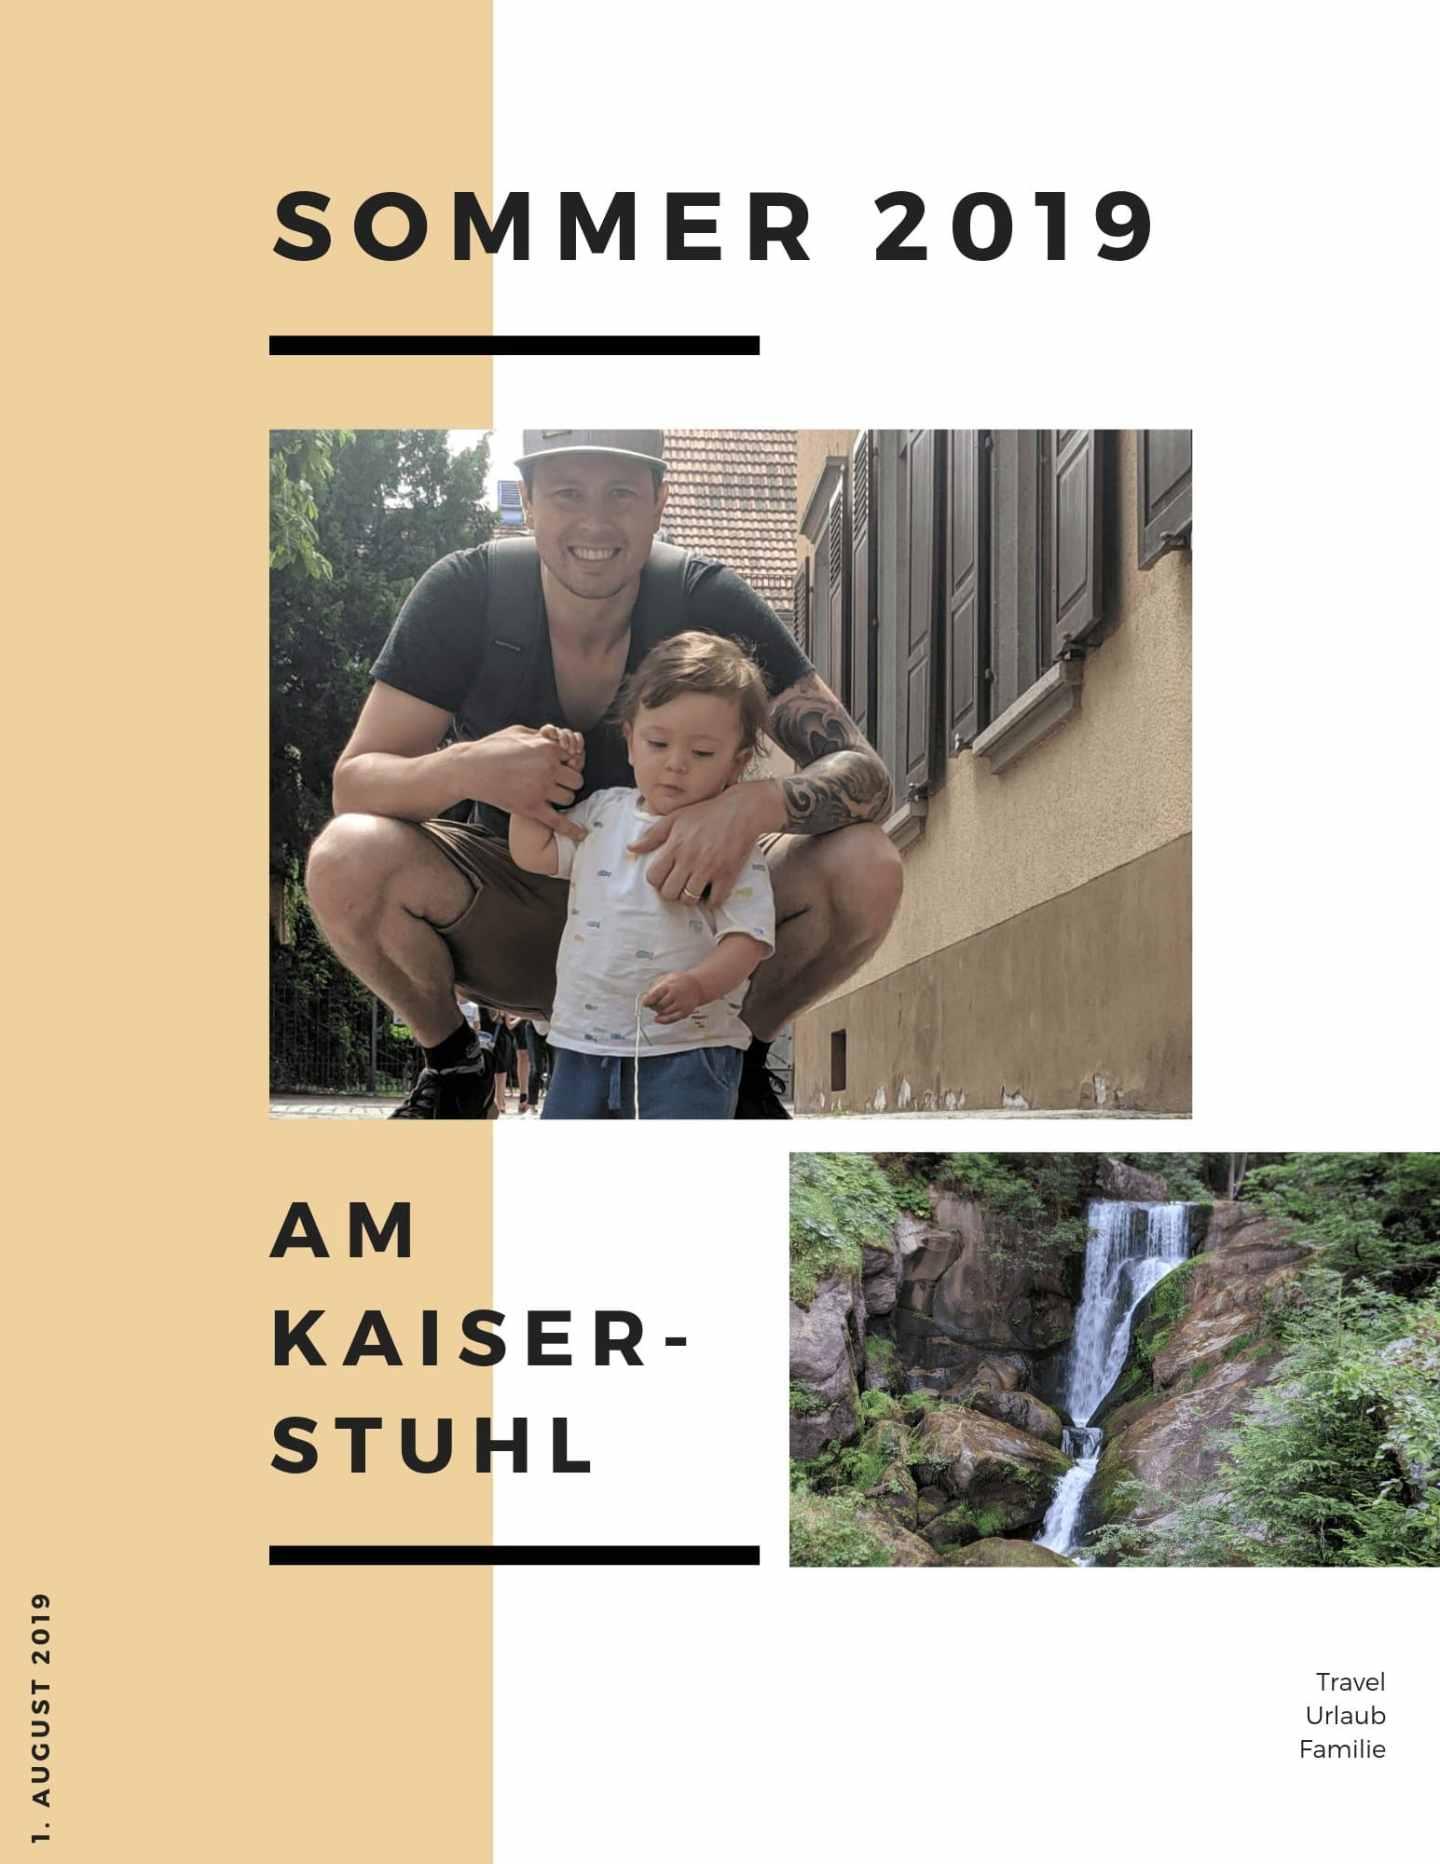 Sommerurlaub 2019 am Kaiserstuhl